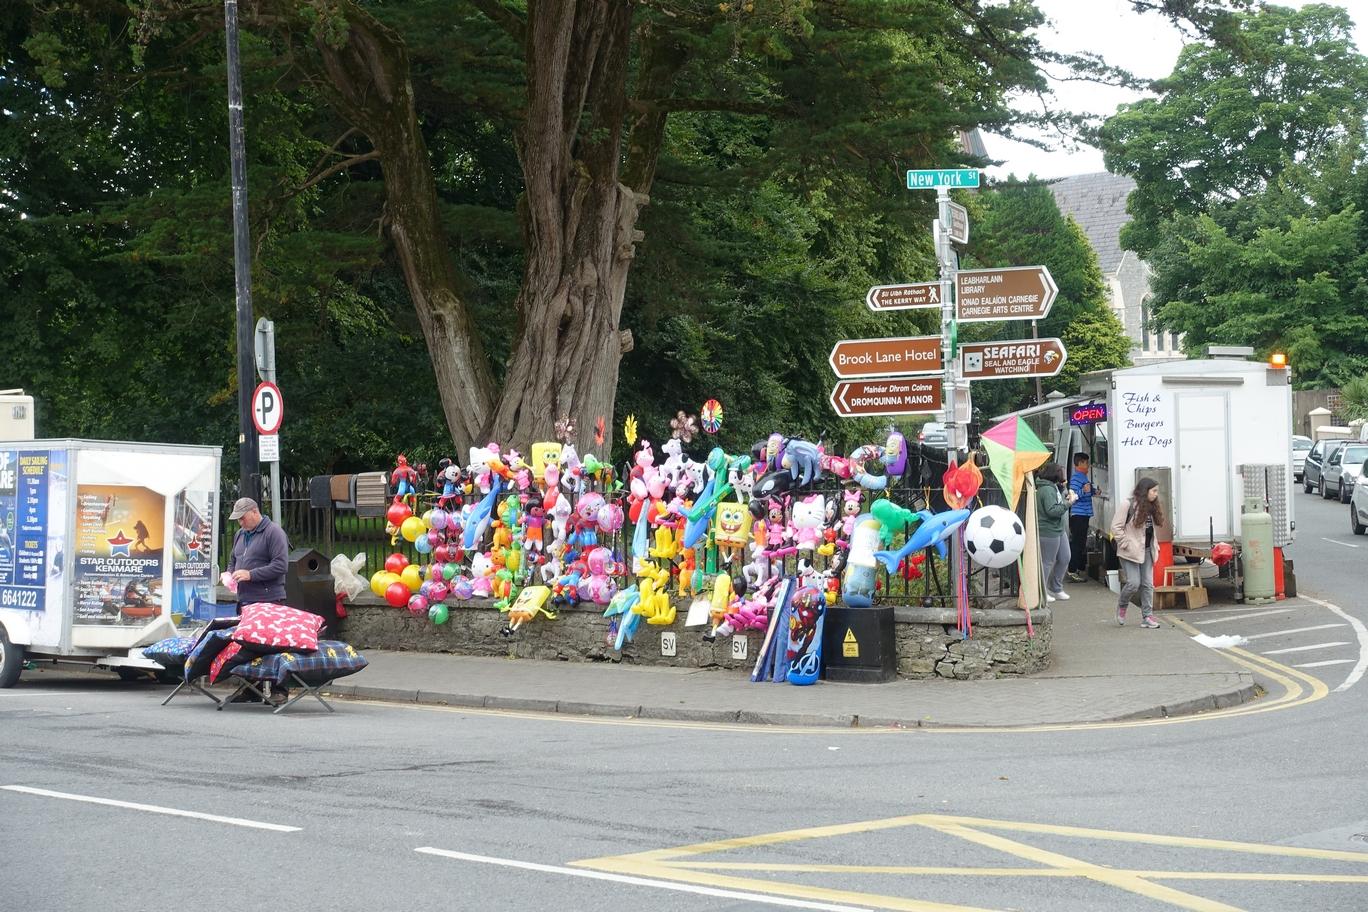 Marktkraam met heel veel ballonnen